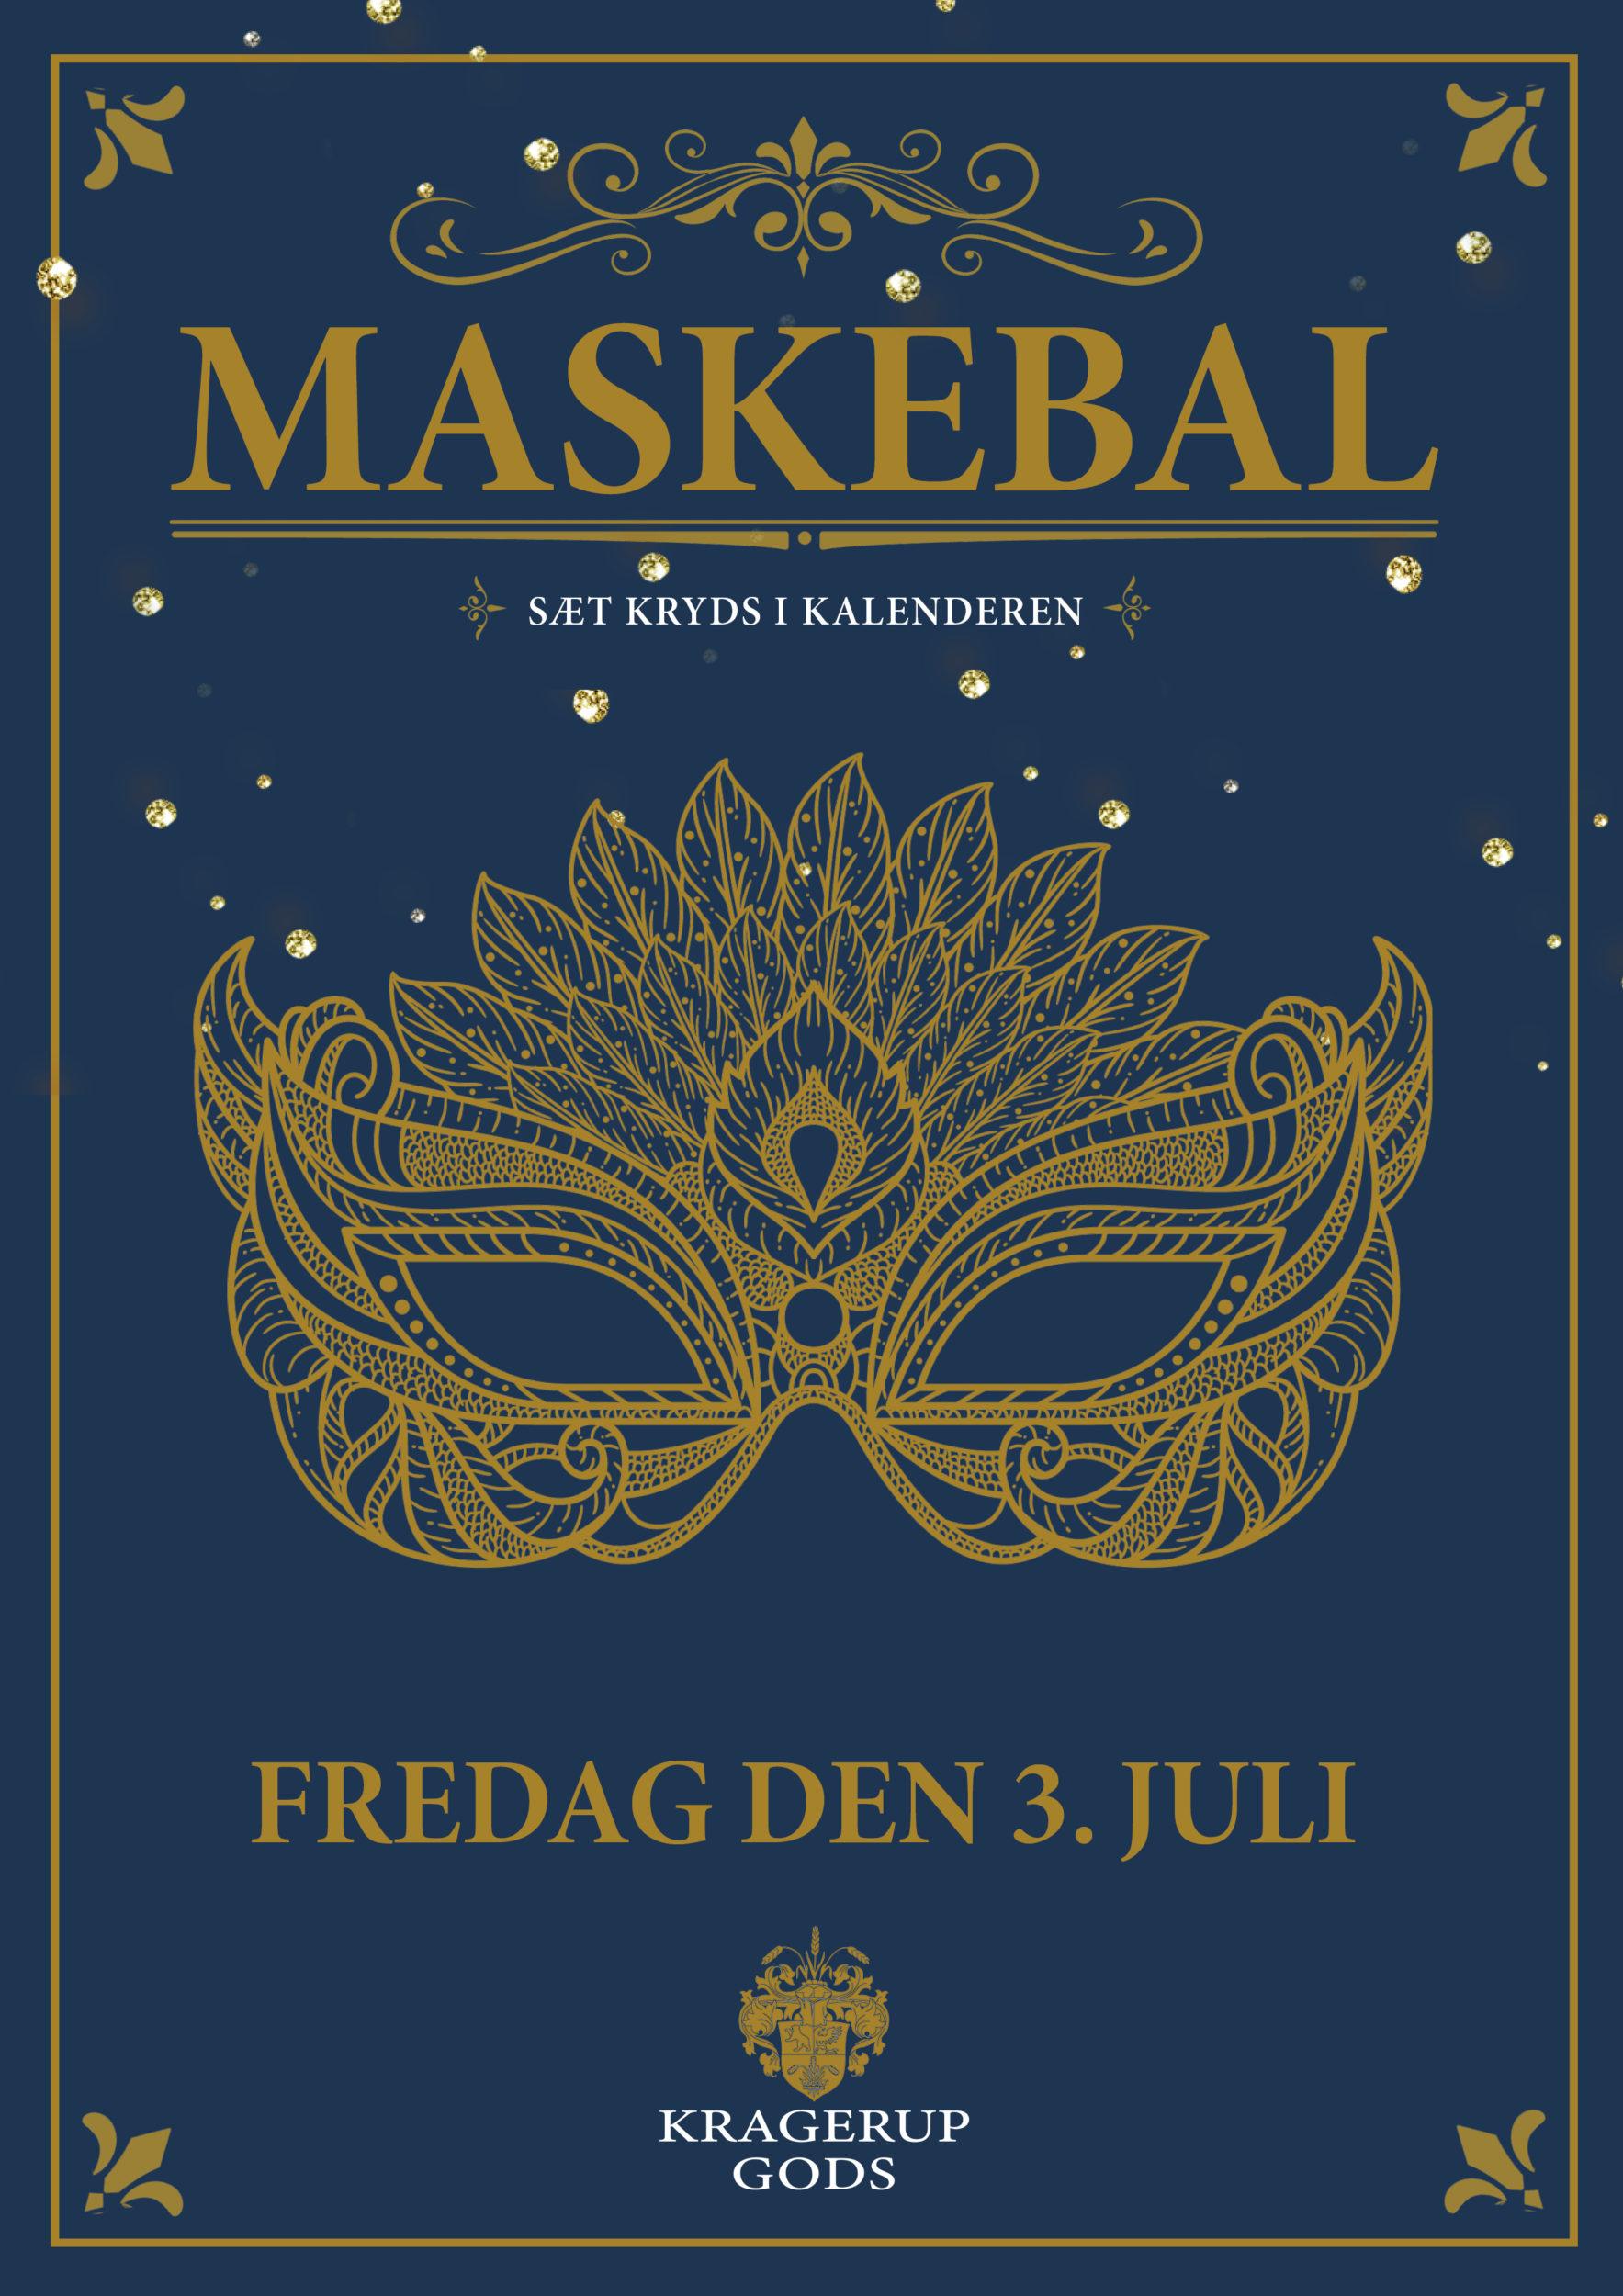 Maskebal på Kragerup Gods – Sæt kryds i kalenderen